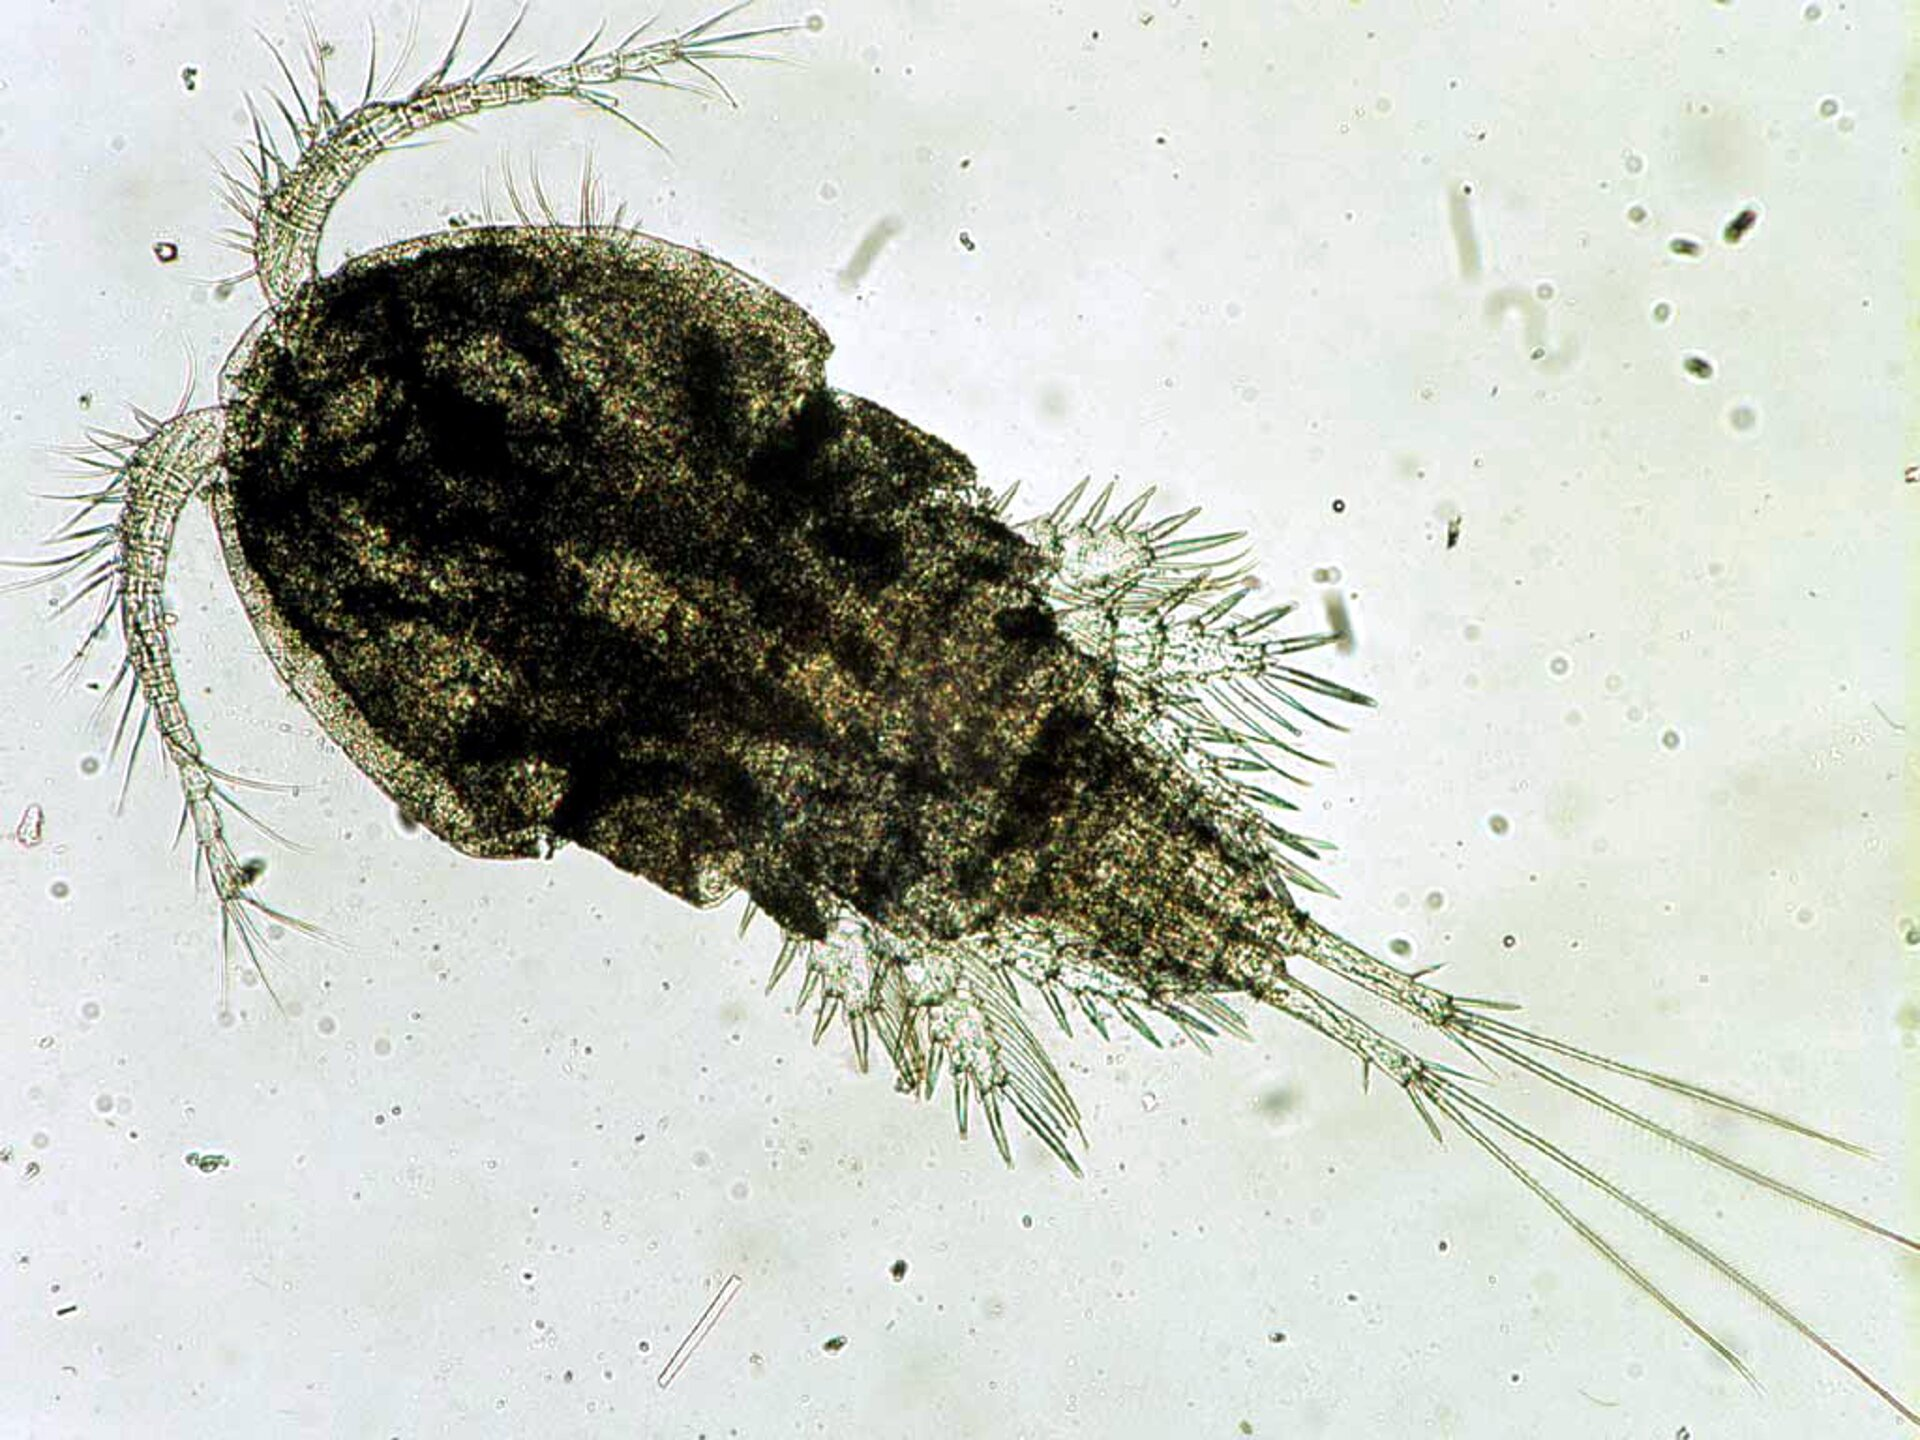 Wgalerii znajdują się fotografie przedstawicieli skorupiaków. Fotografia mikroskopowa przedstawia leżącego ukosem, owalnego oczlika. Jest szary zciemniejszymi plamami. Wlewym górnym rogu dwa rozgałęzione czułki, służące do pływania. Przezroczyste odnóża krótkie, bliżej końca ciała. Odwłok wyciągnięty wpodłużne części.